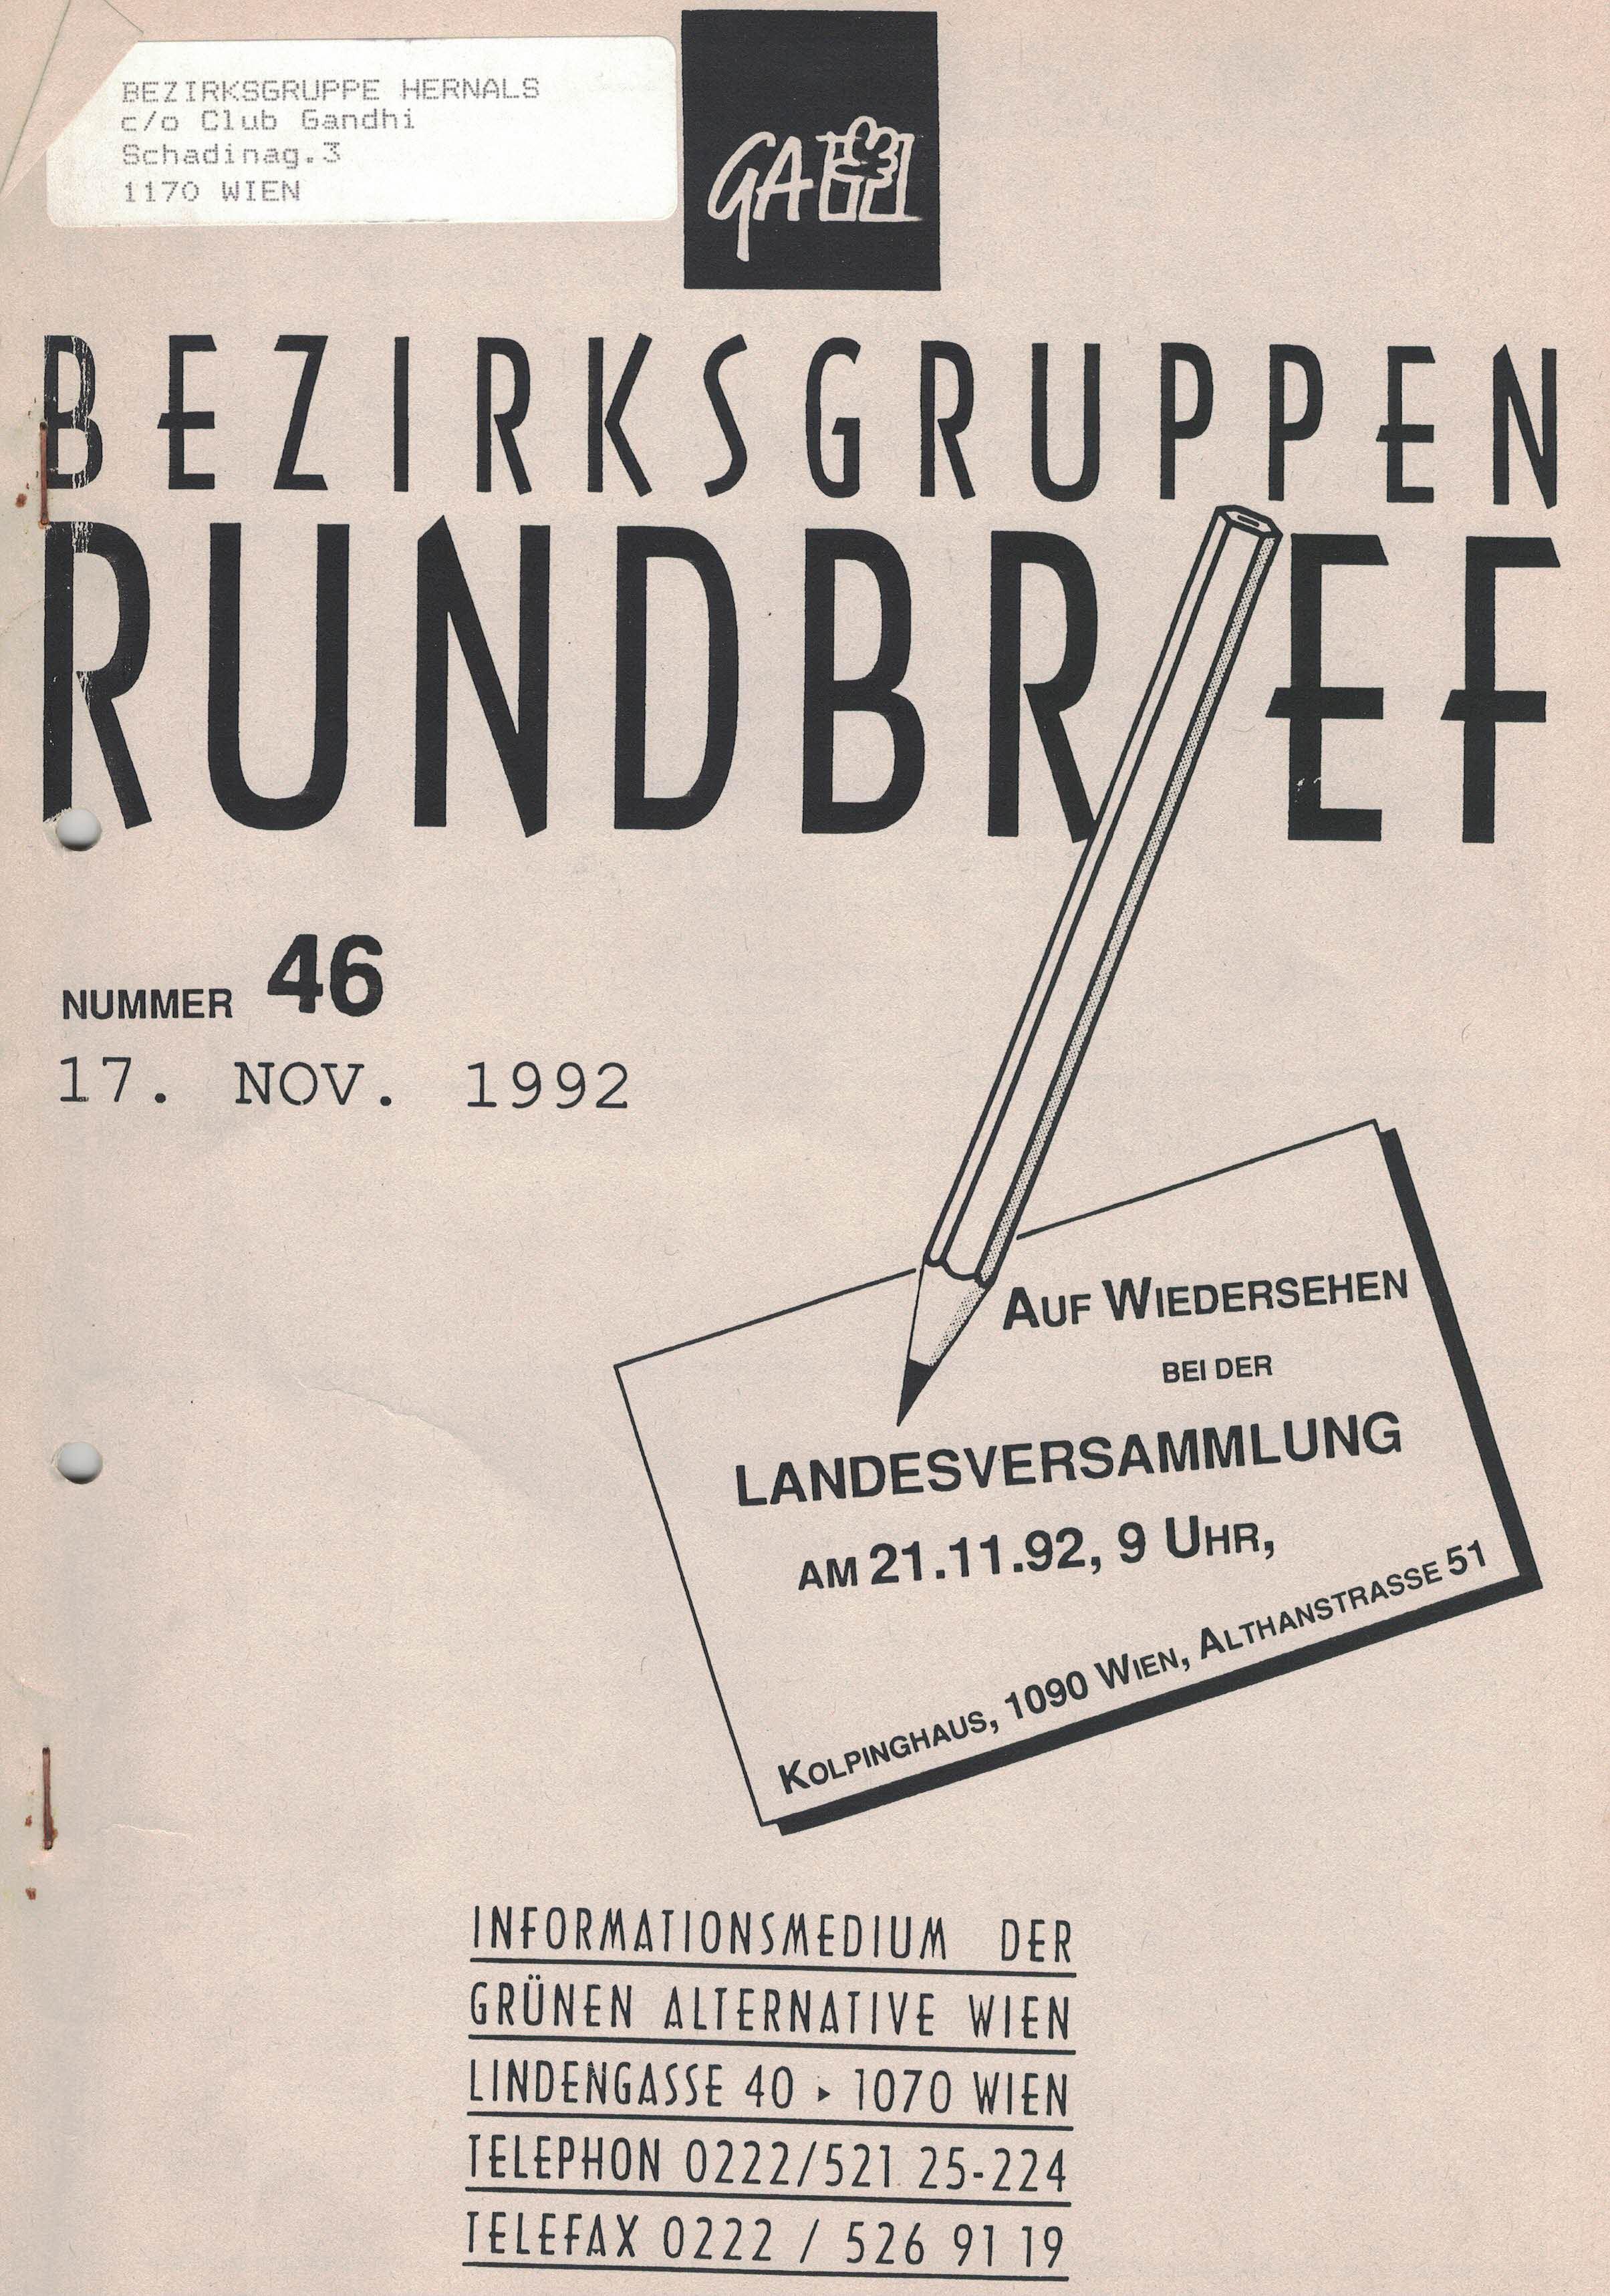 041-bezirksgruppenrundbrief